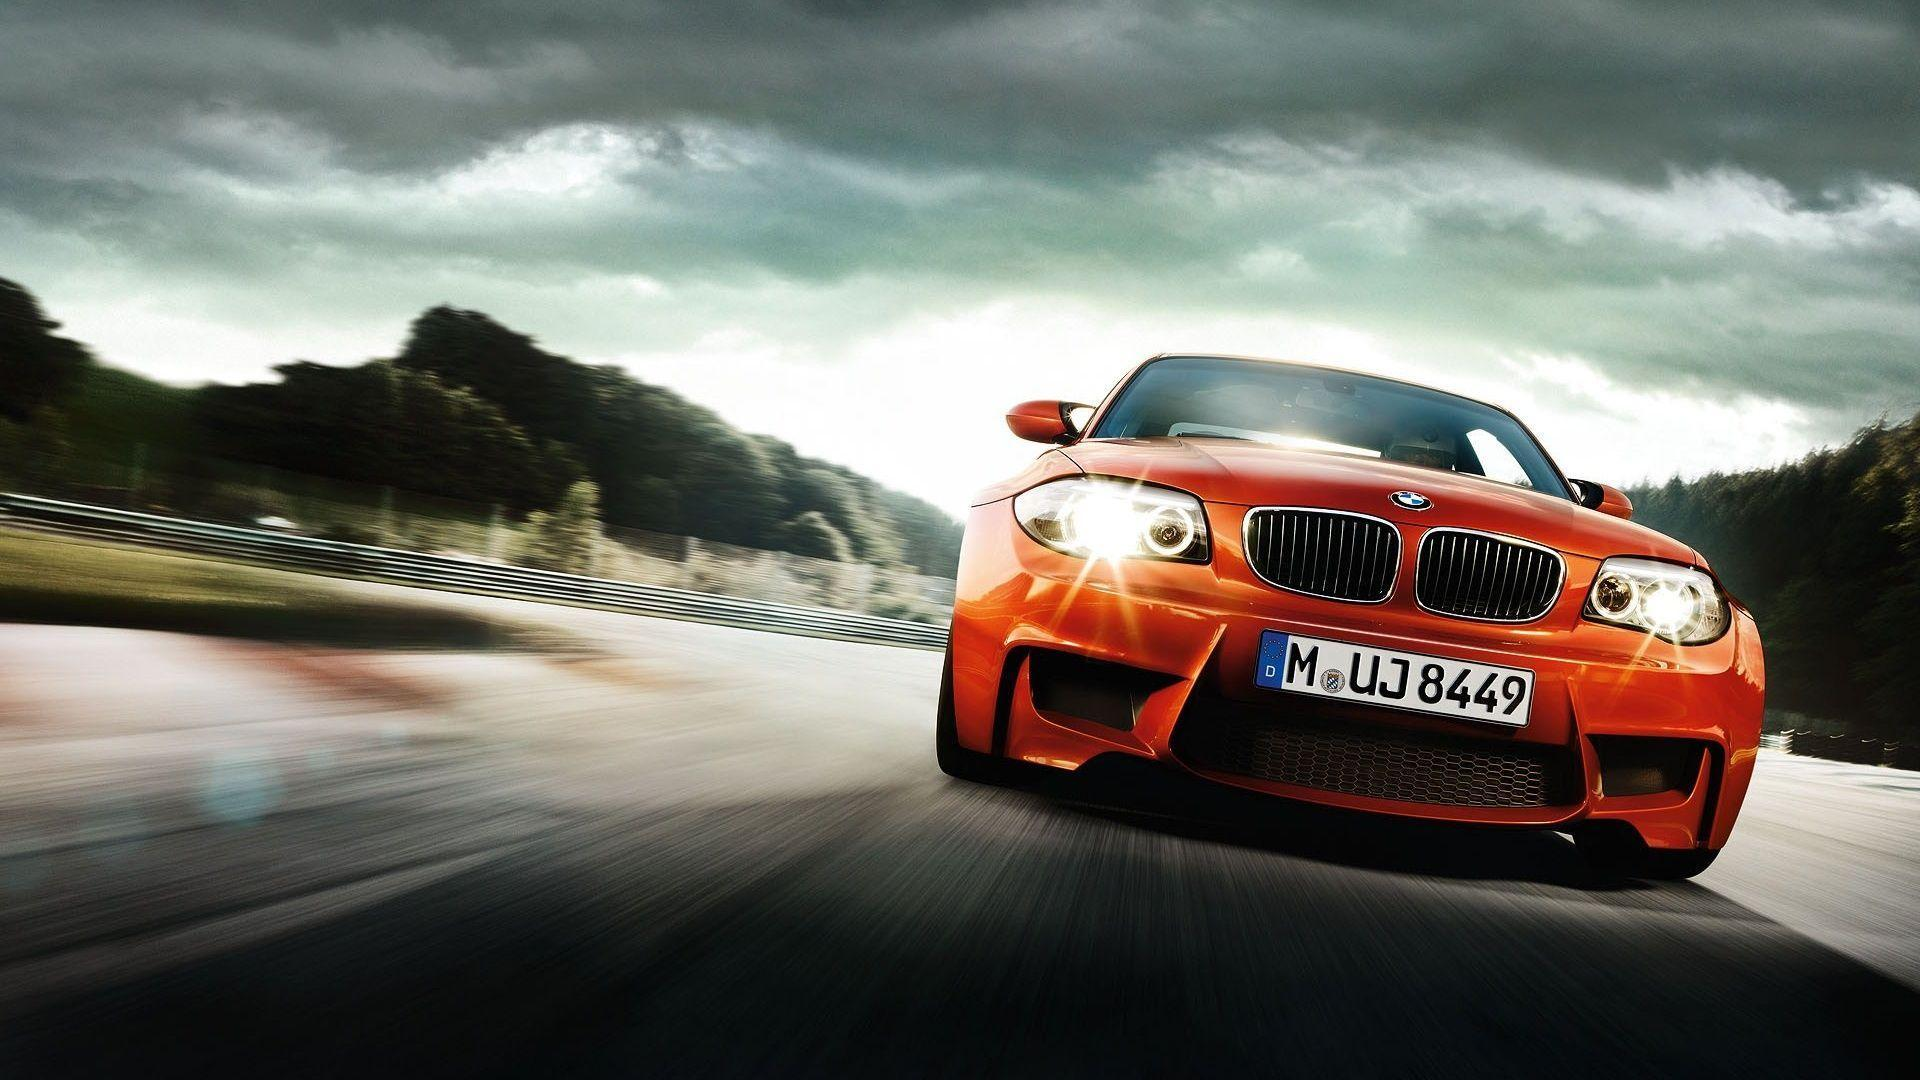 HD Car Wallpapers BMW   WallpapersCharlie